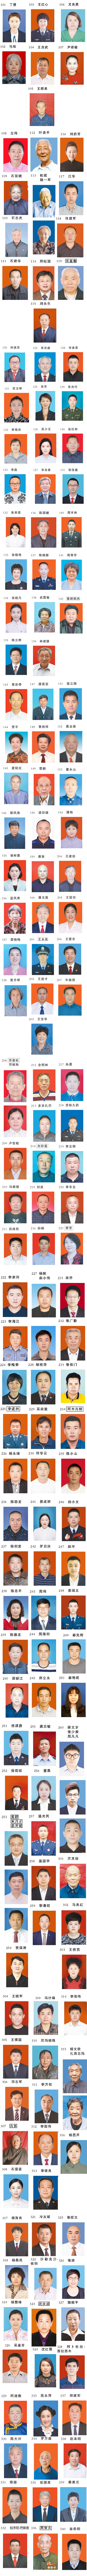 德耀中华第七届全国道德模范候选人事迹(上)